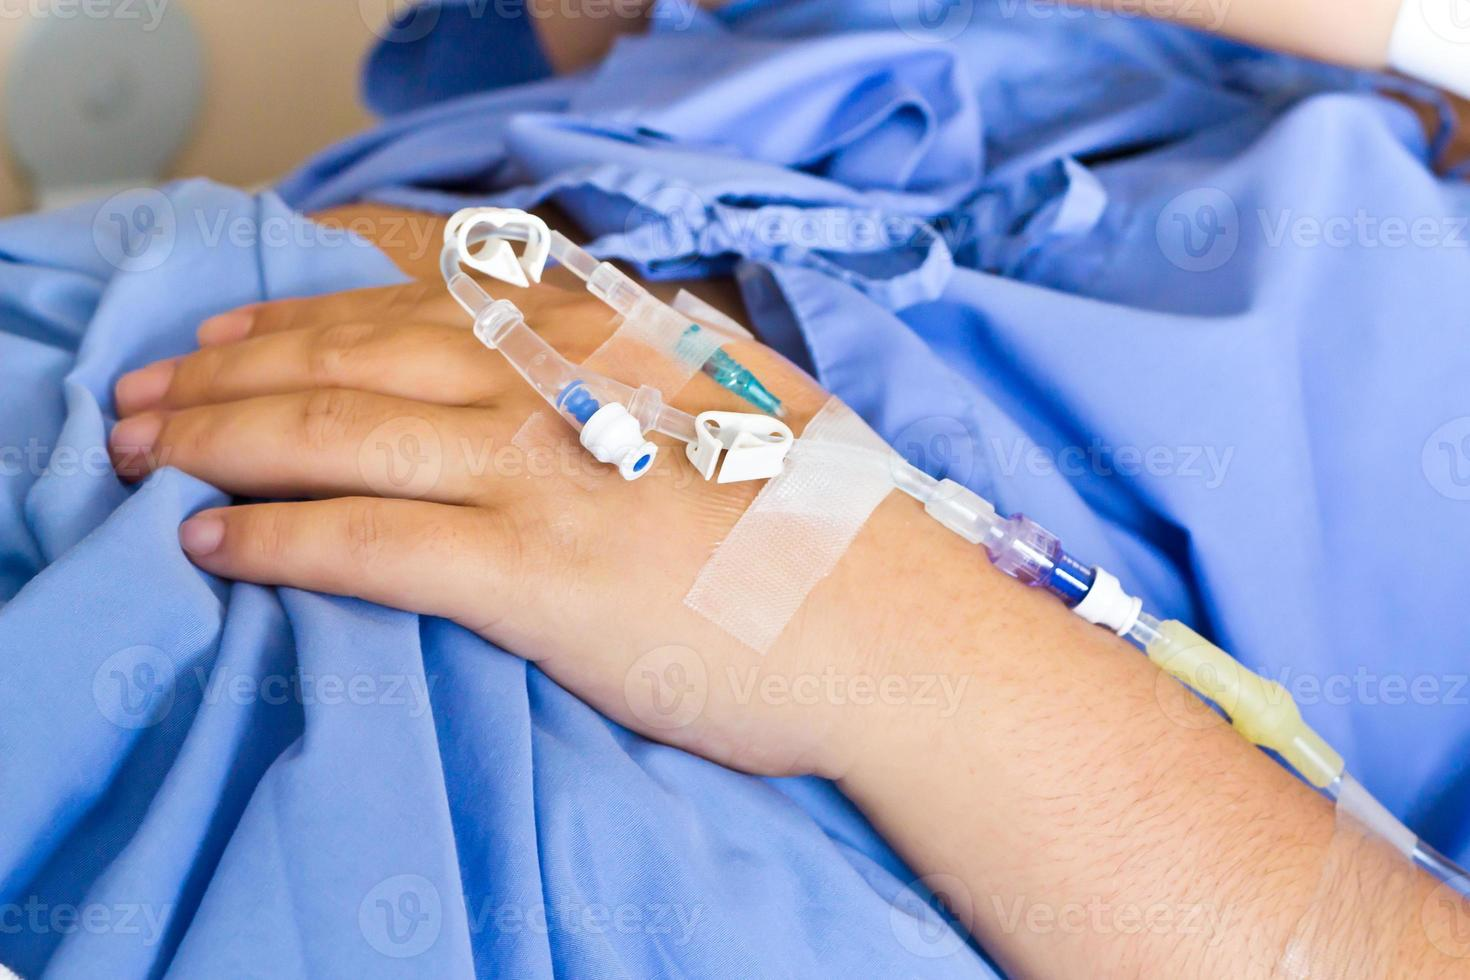 paciente com gotejamento intravenoso foto